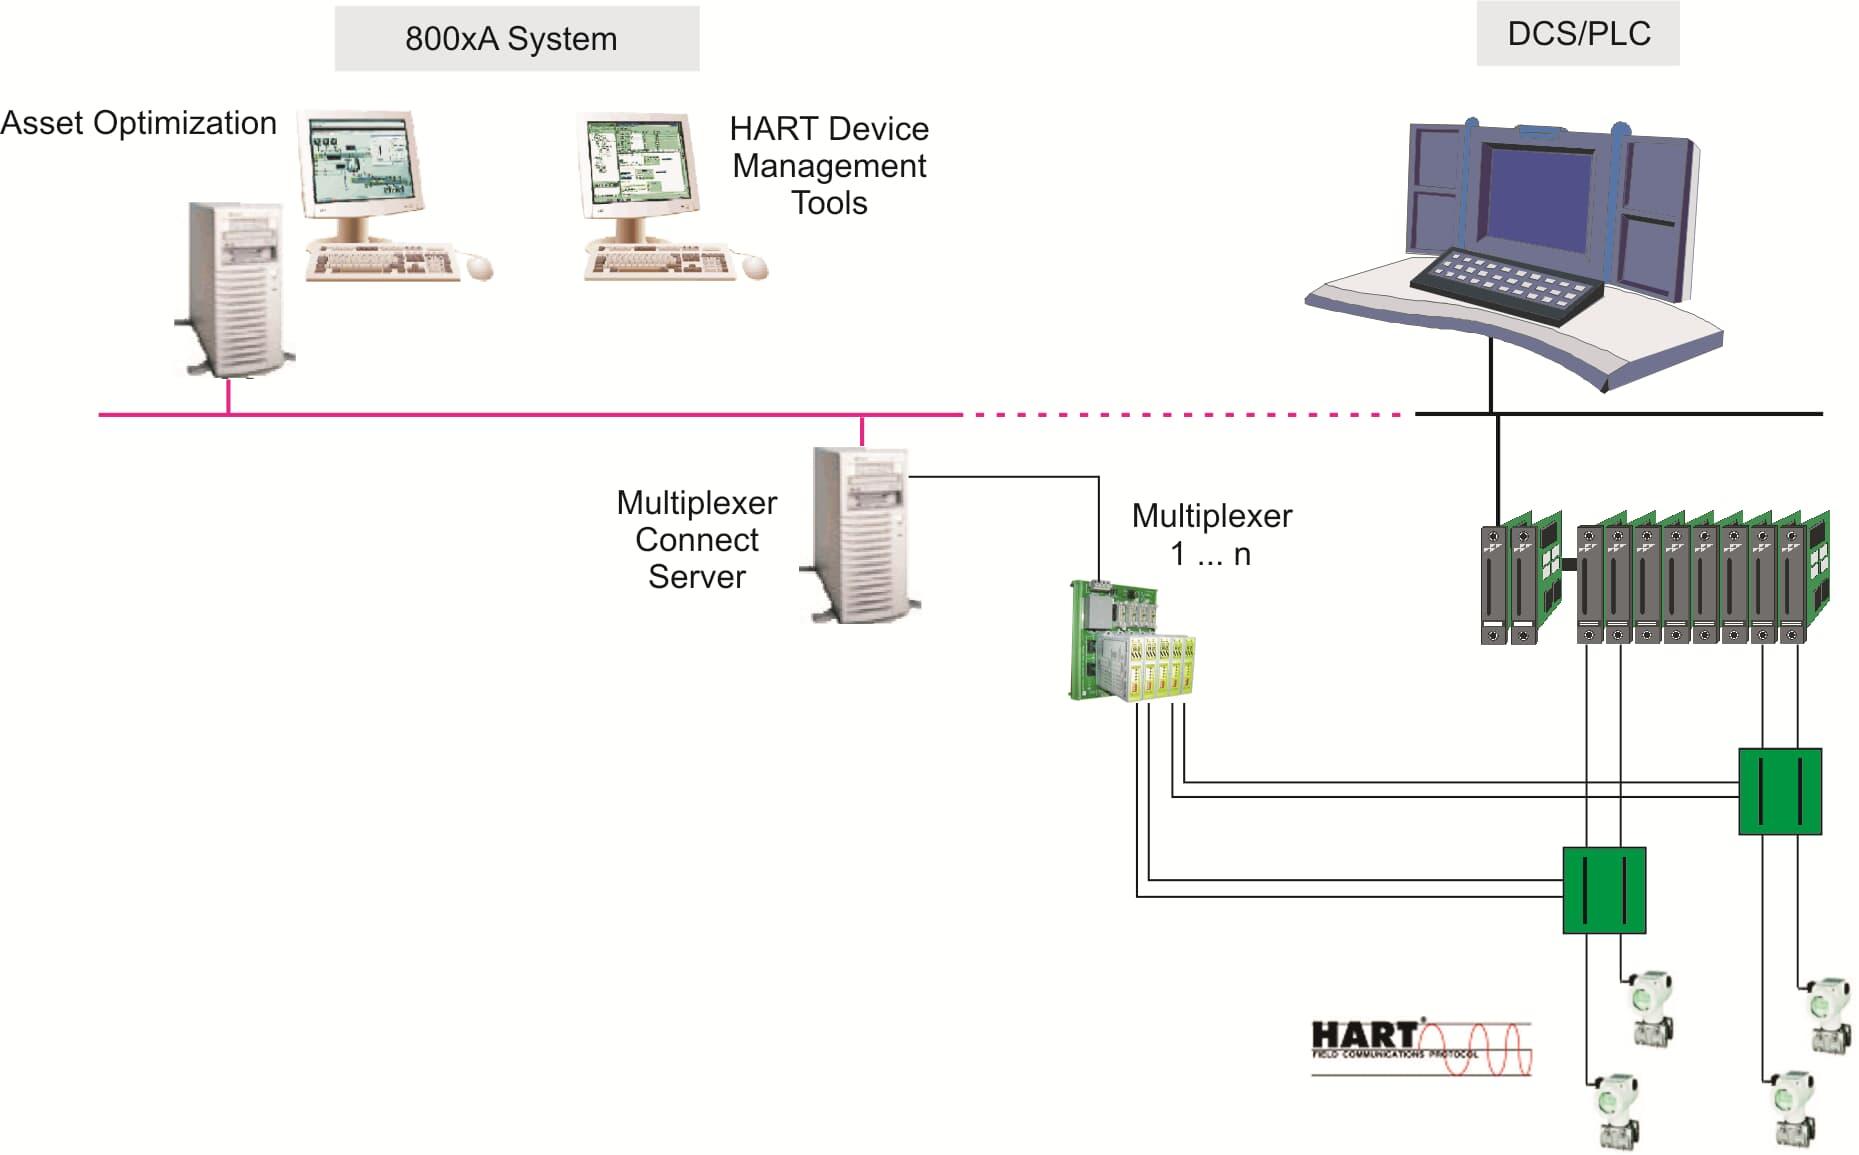 HART Multiplexer